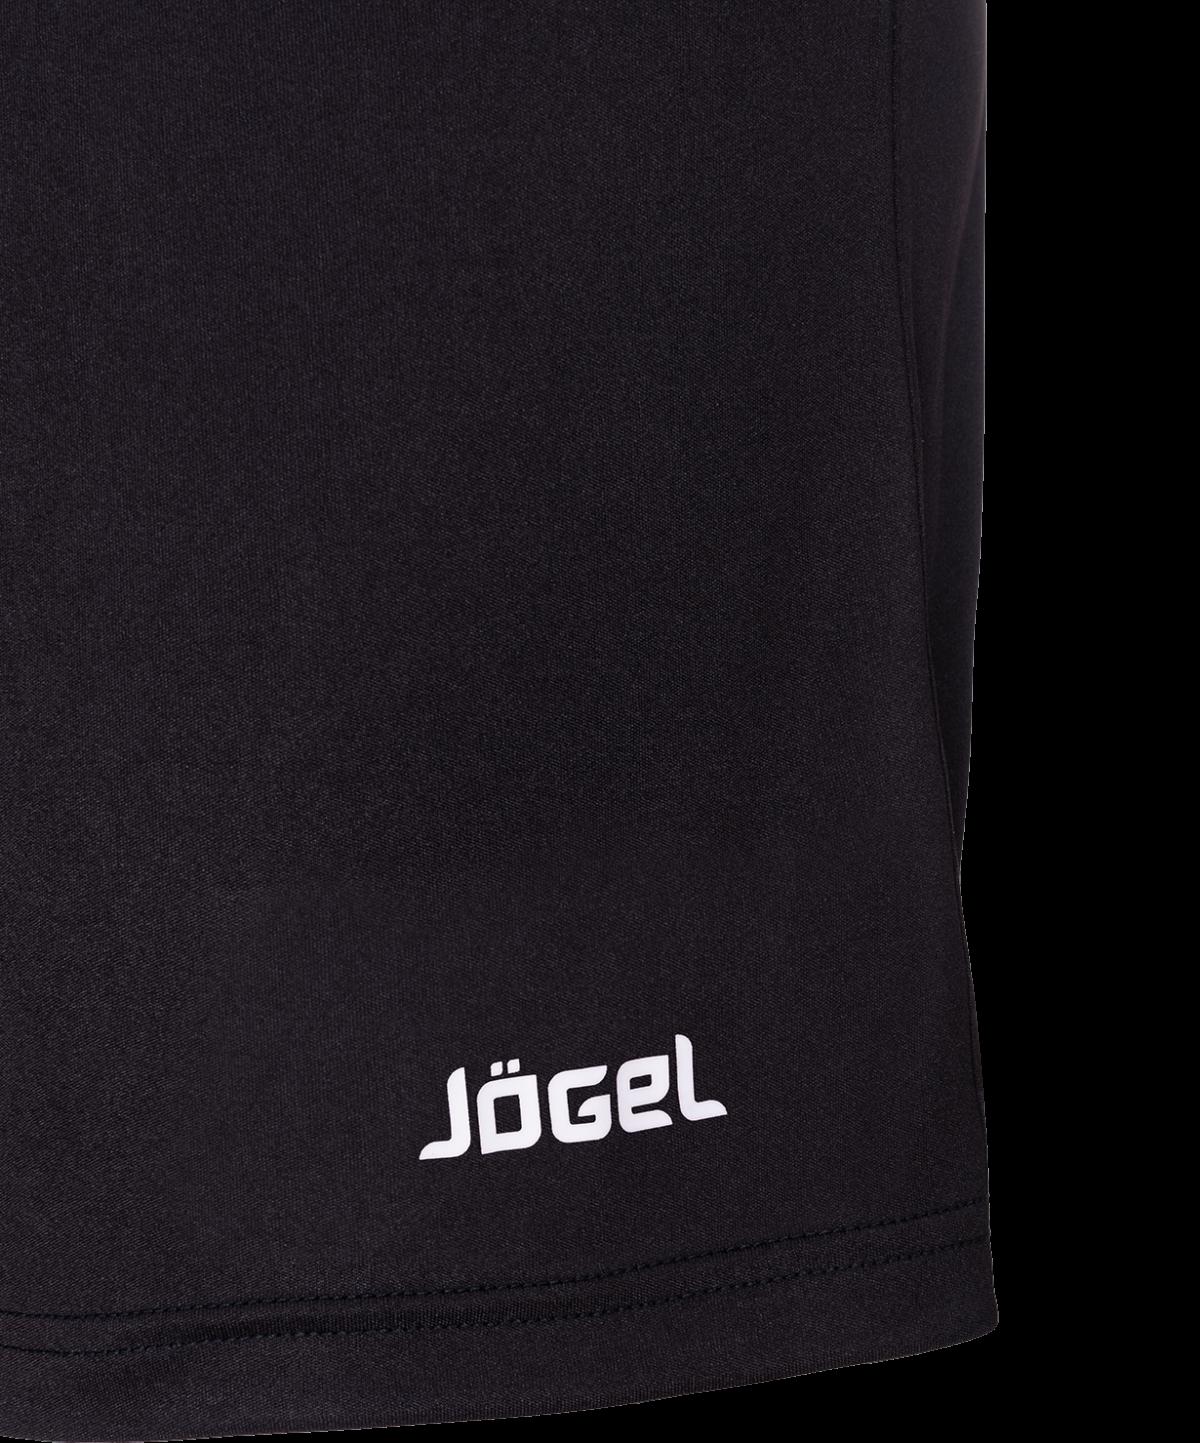 JOGEL Шорты футбольные, черный/белый  JFS-1110-061 - 3